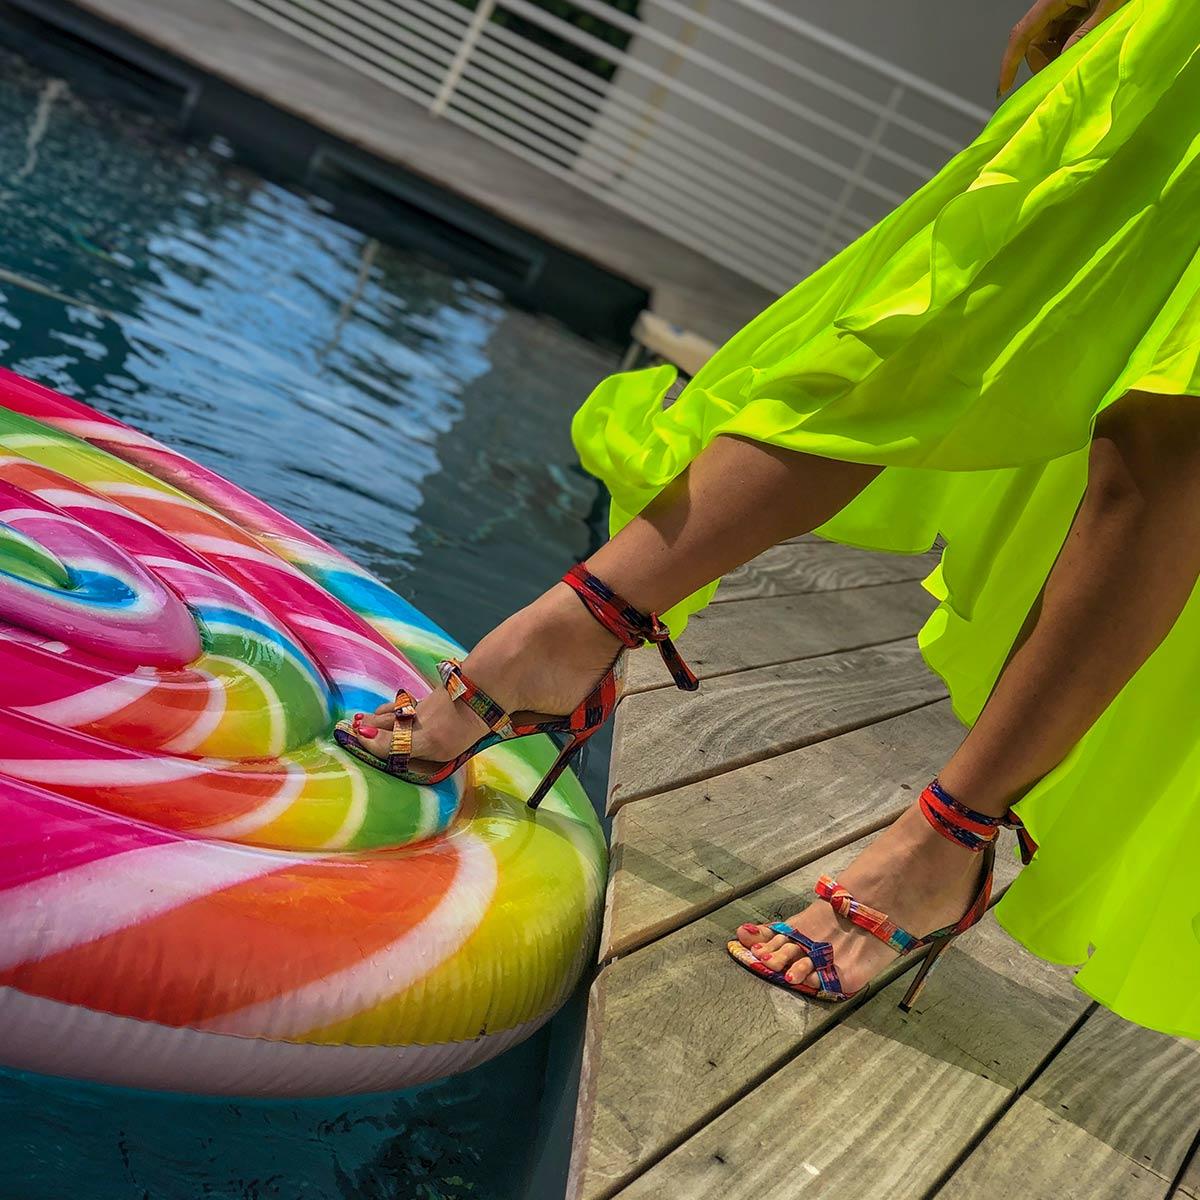 Adriana: Našla sem sandale, ki pašejo na vse!